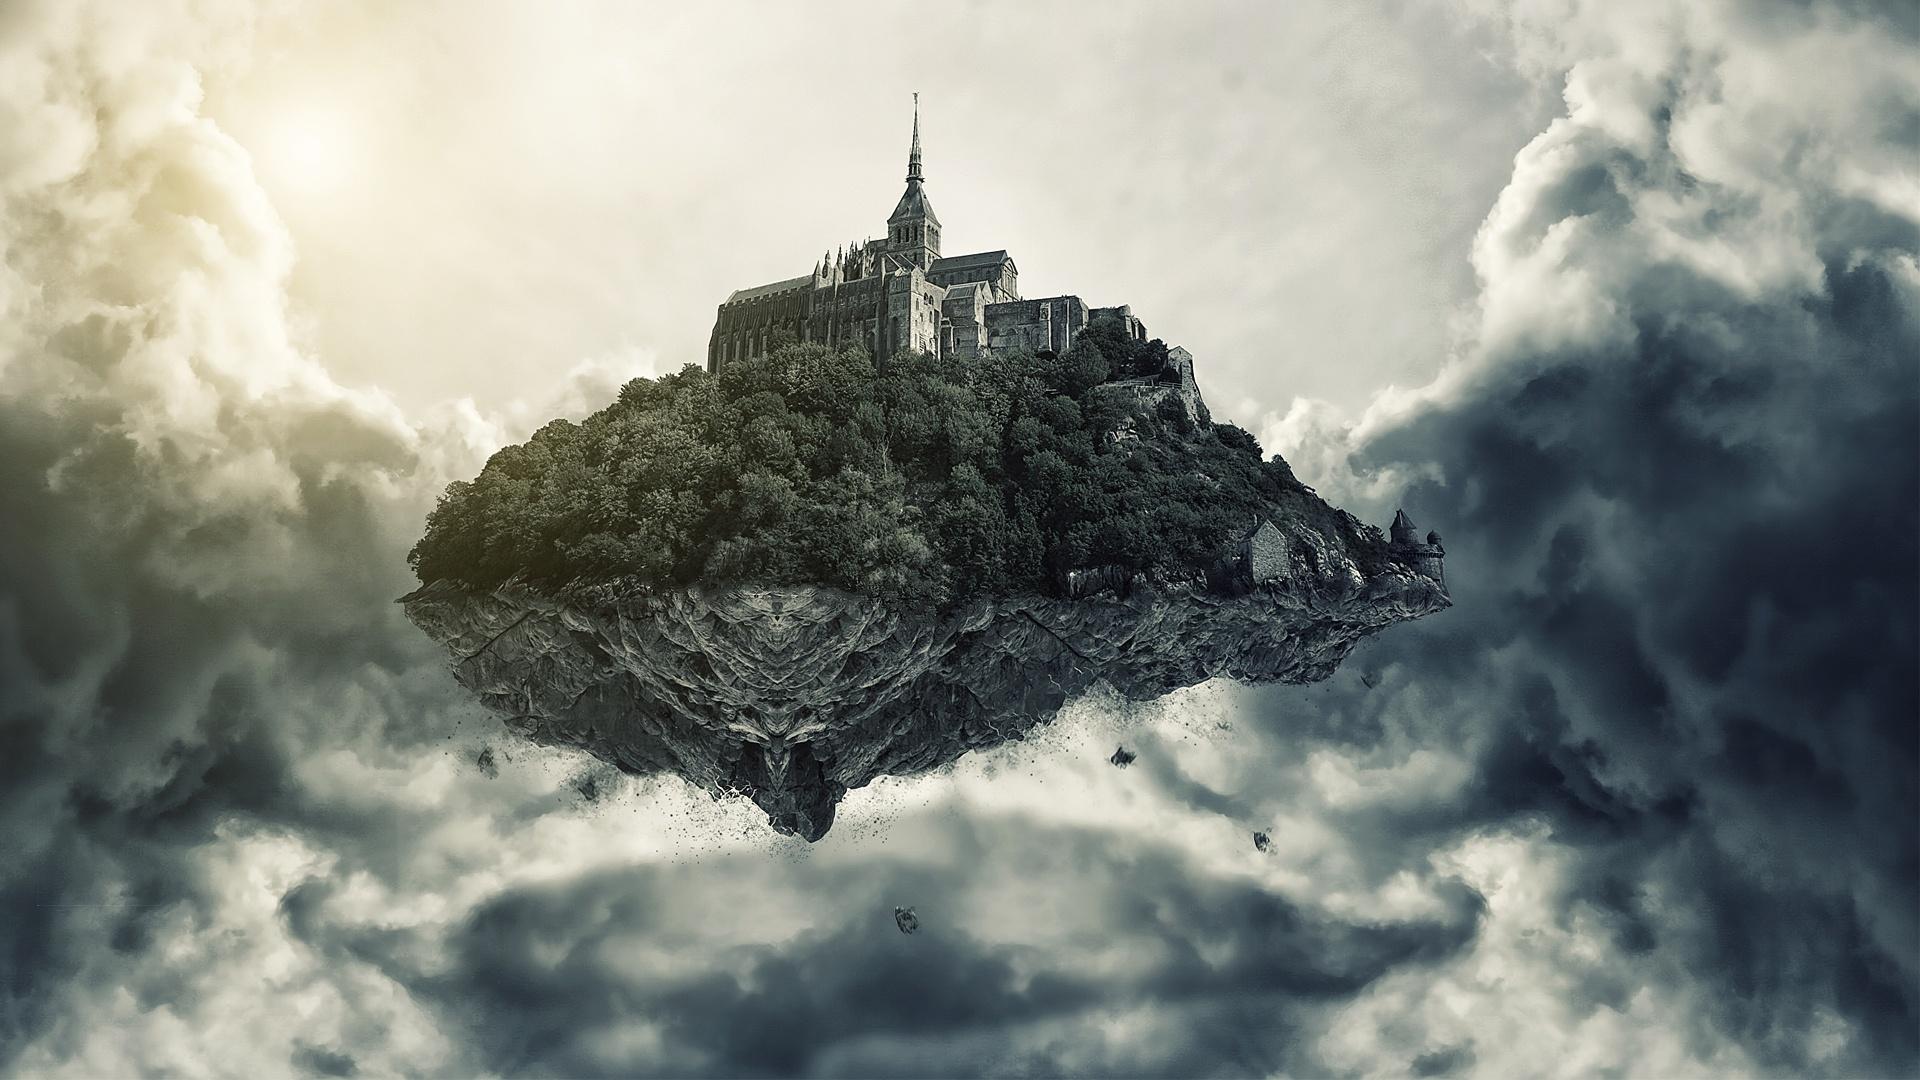 летучий замок картинки самом деле